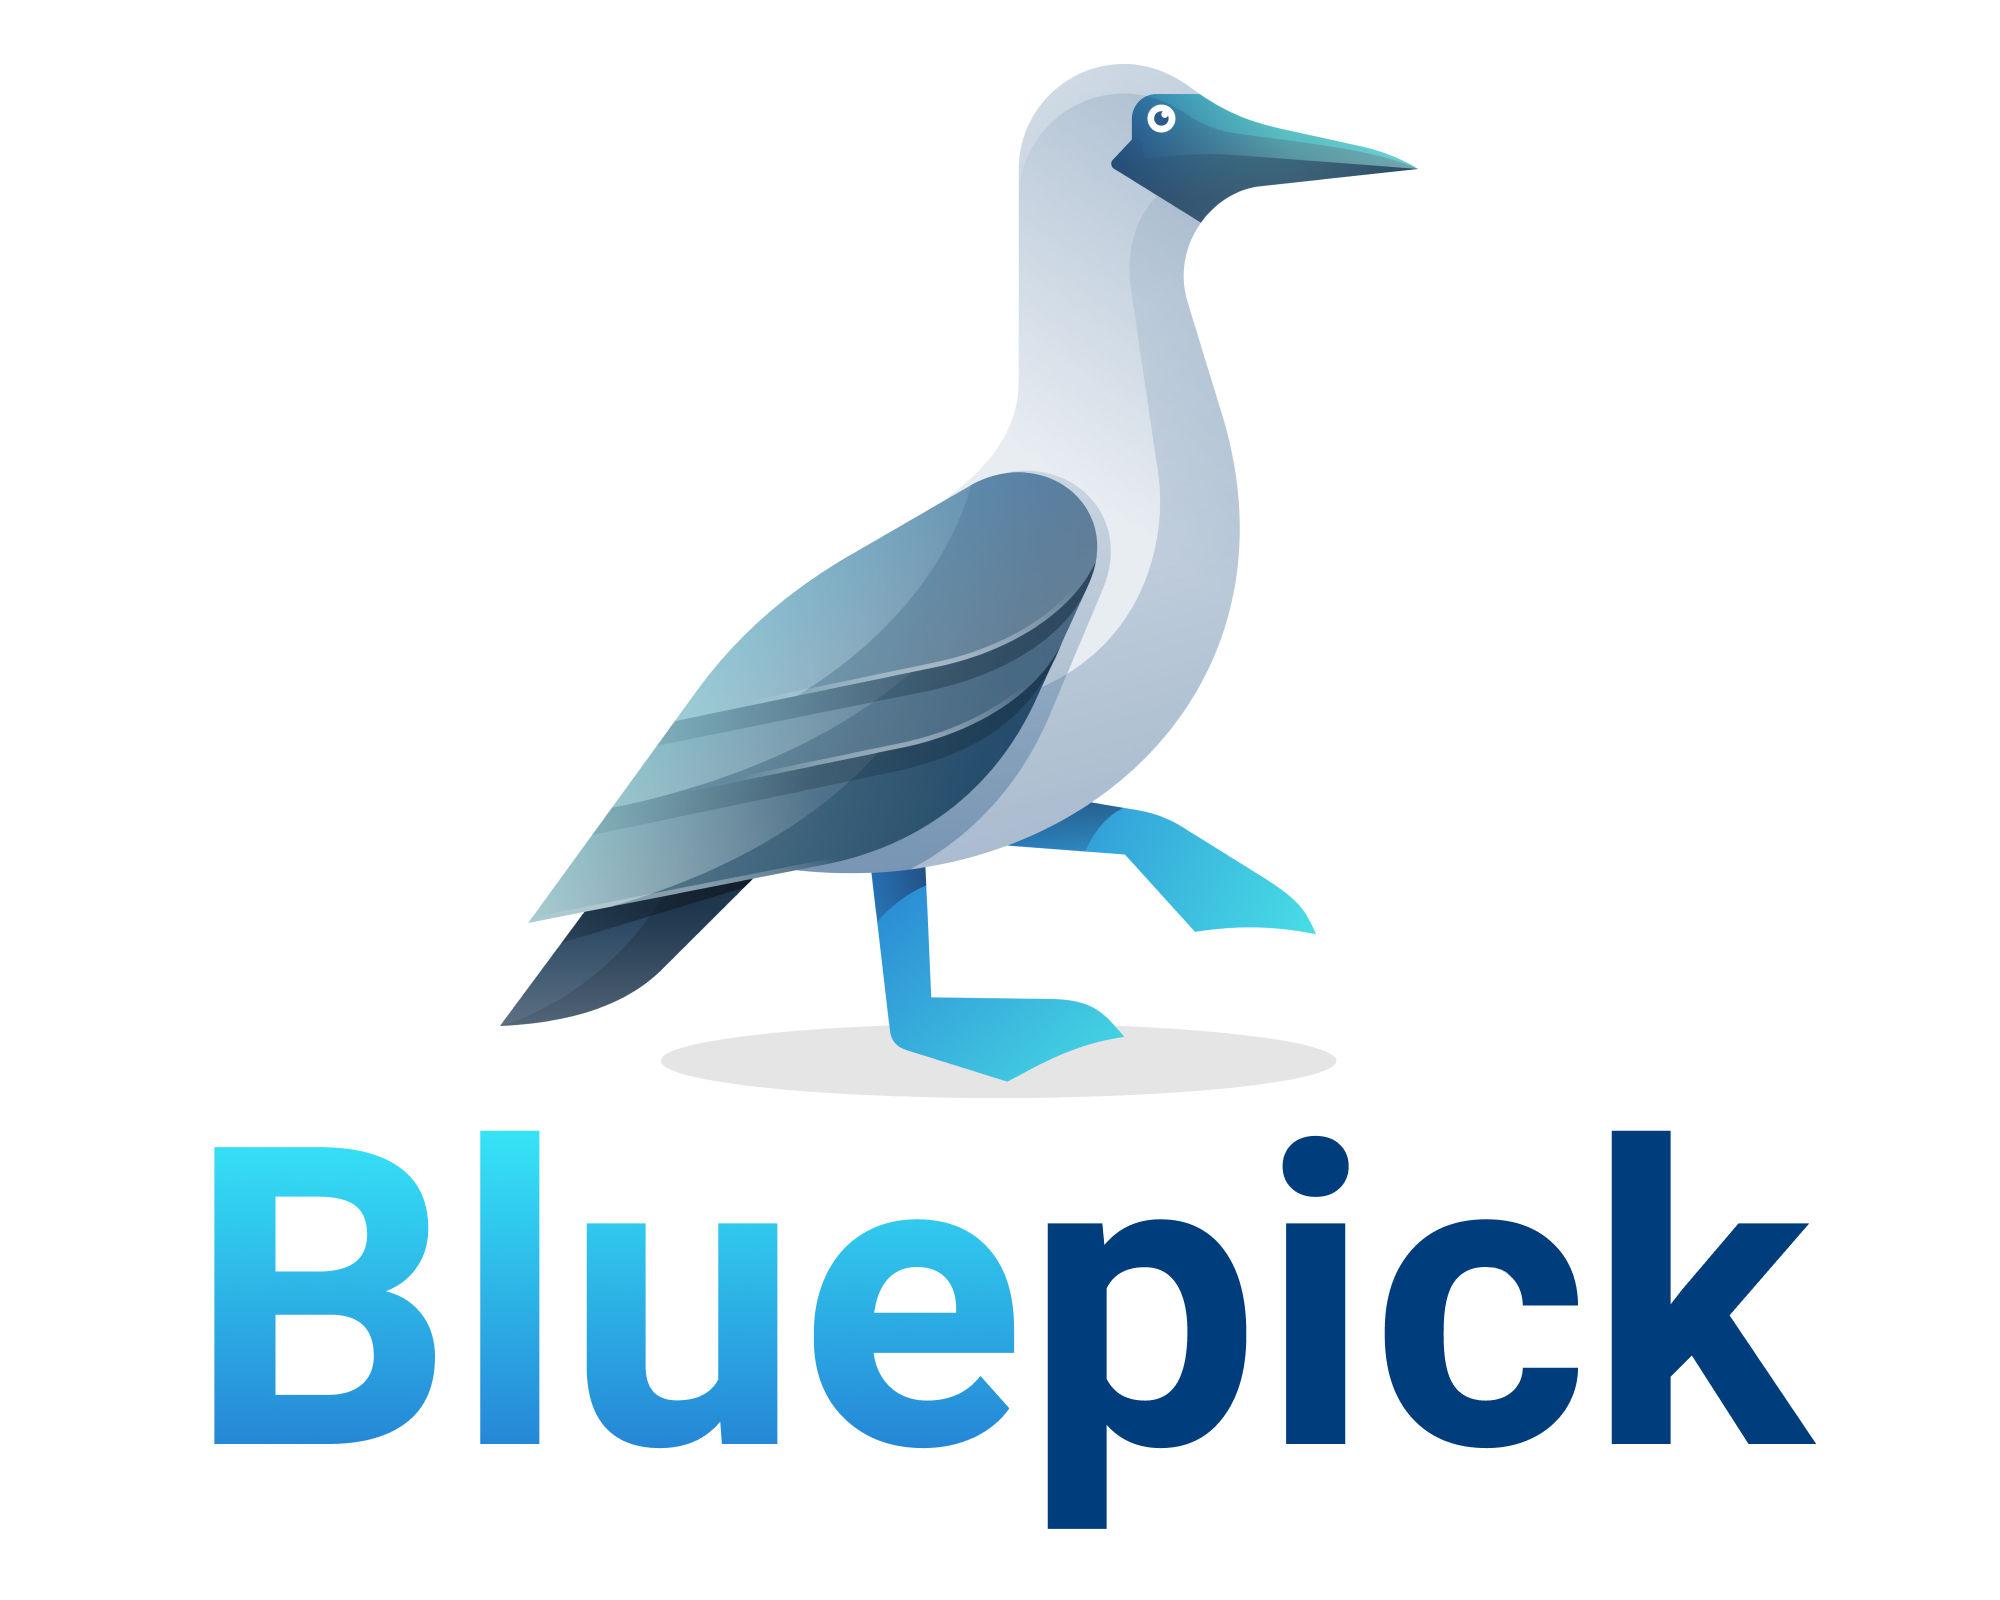 Bluepick Logo Blaufußtölpelund Bluepick Name